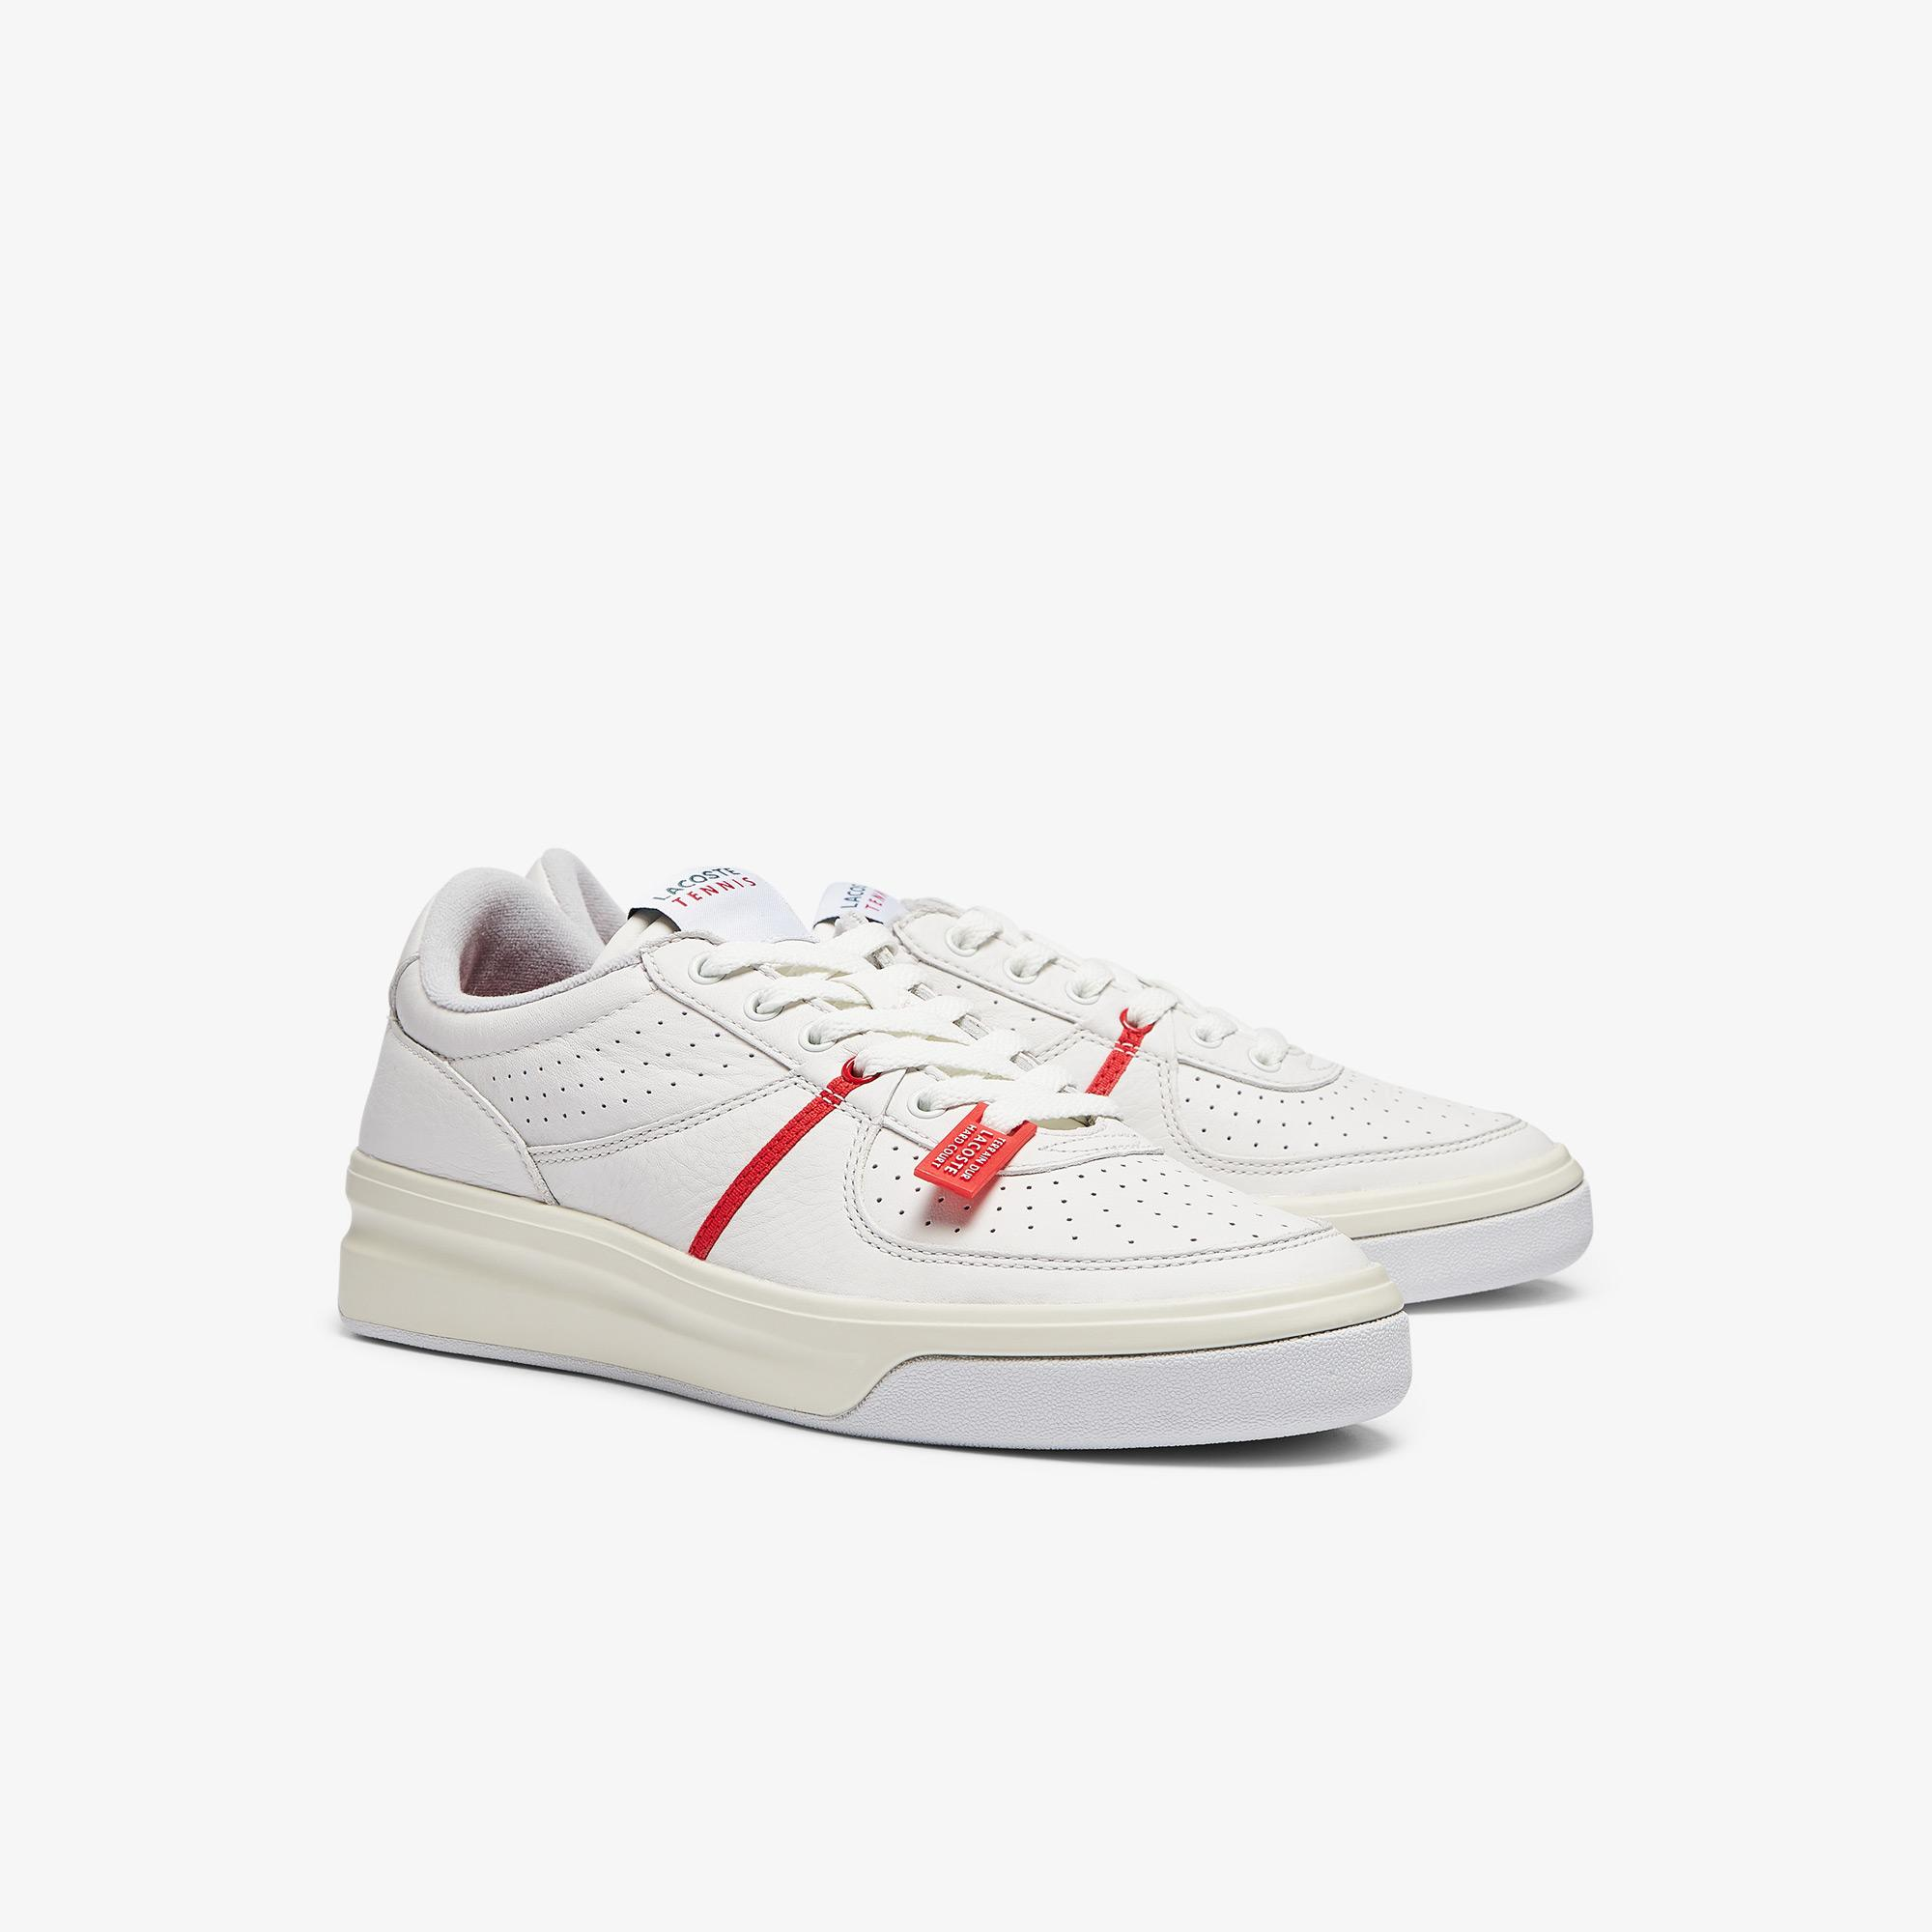 Lacoste Men's Quantace 0721 1 Sma Shoes